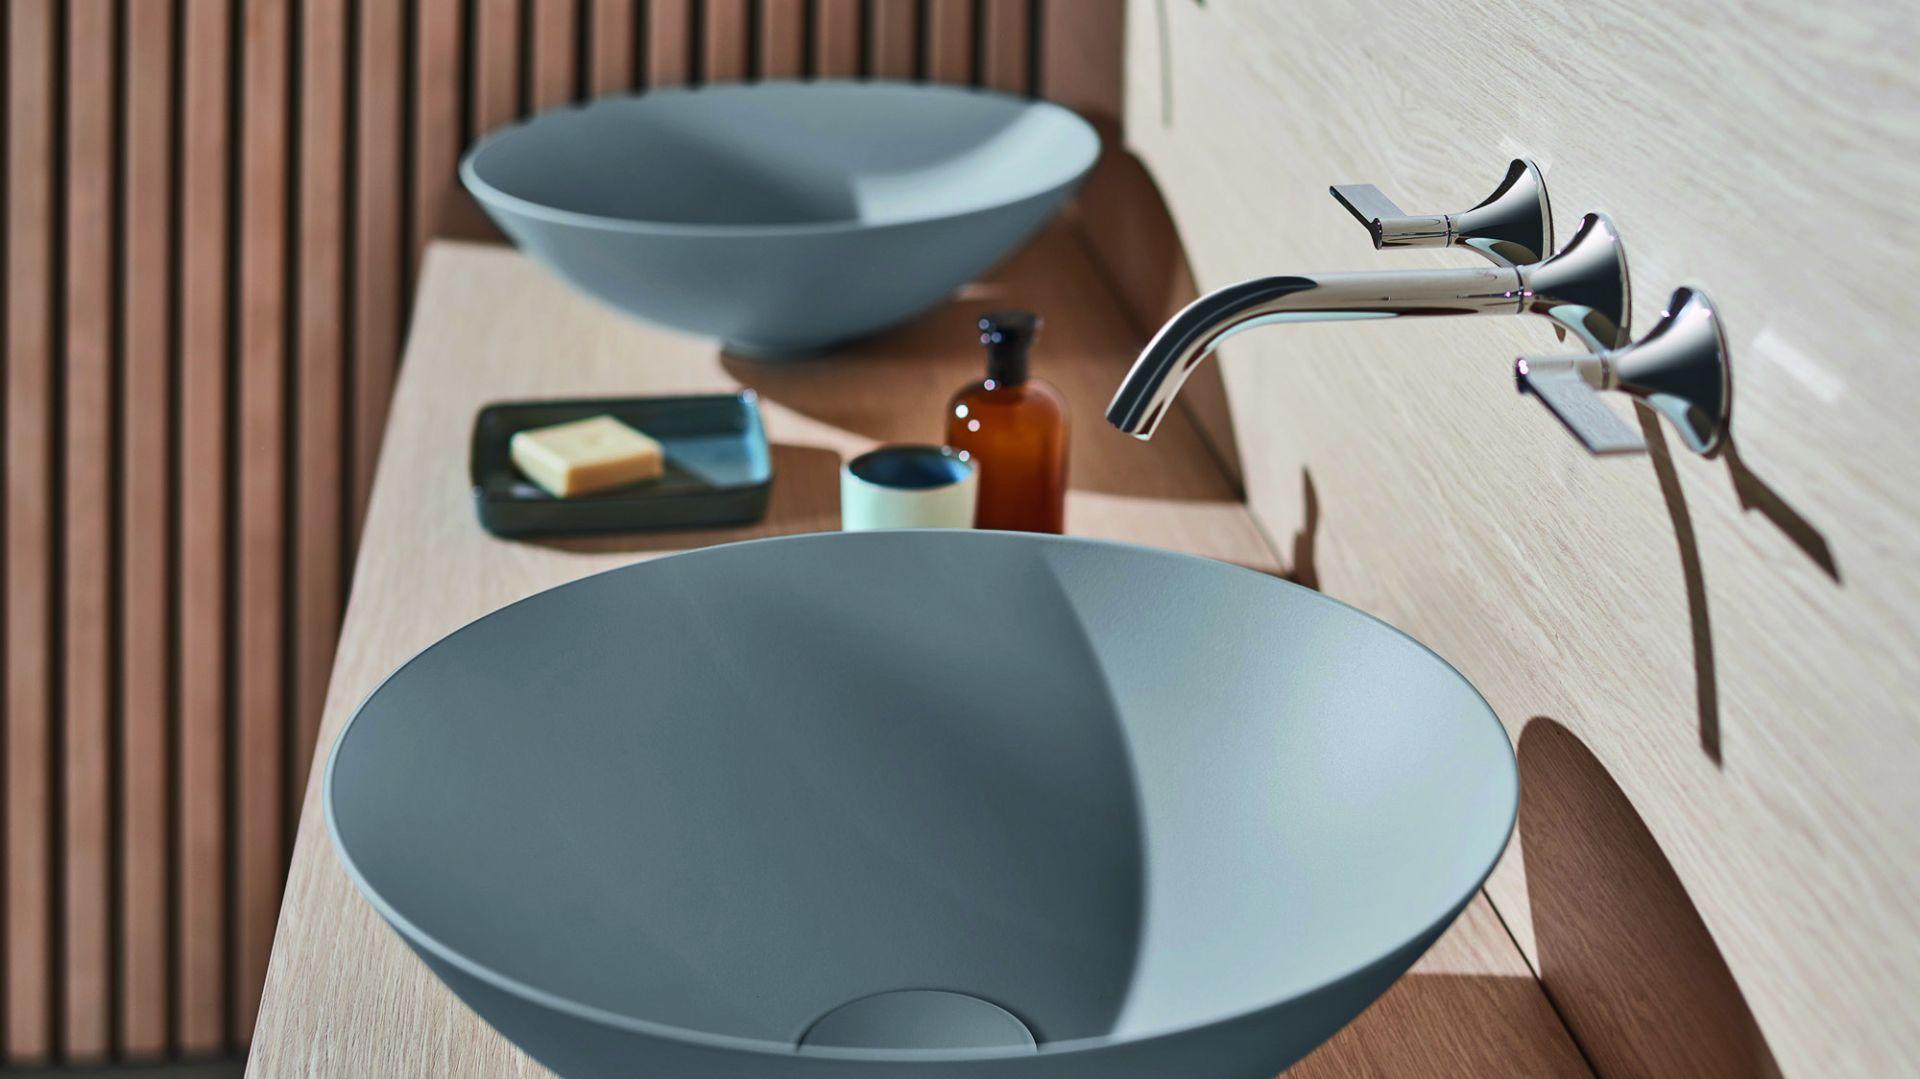 Do naszej łazienki wybierzmy umywalki z kolekcji Terra dostępne w czterech odcieniach szarości. Ich nowoczesne matowe wykończenie doskonale sprawdzi się zarówno w minimalistycznych wnętrzach, jak i klasycznych łazienkowych aranżacjach. Fot. Terra